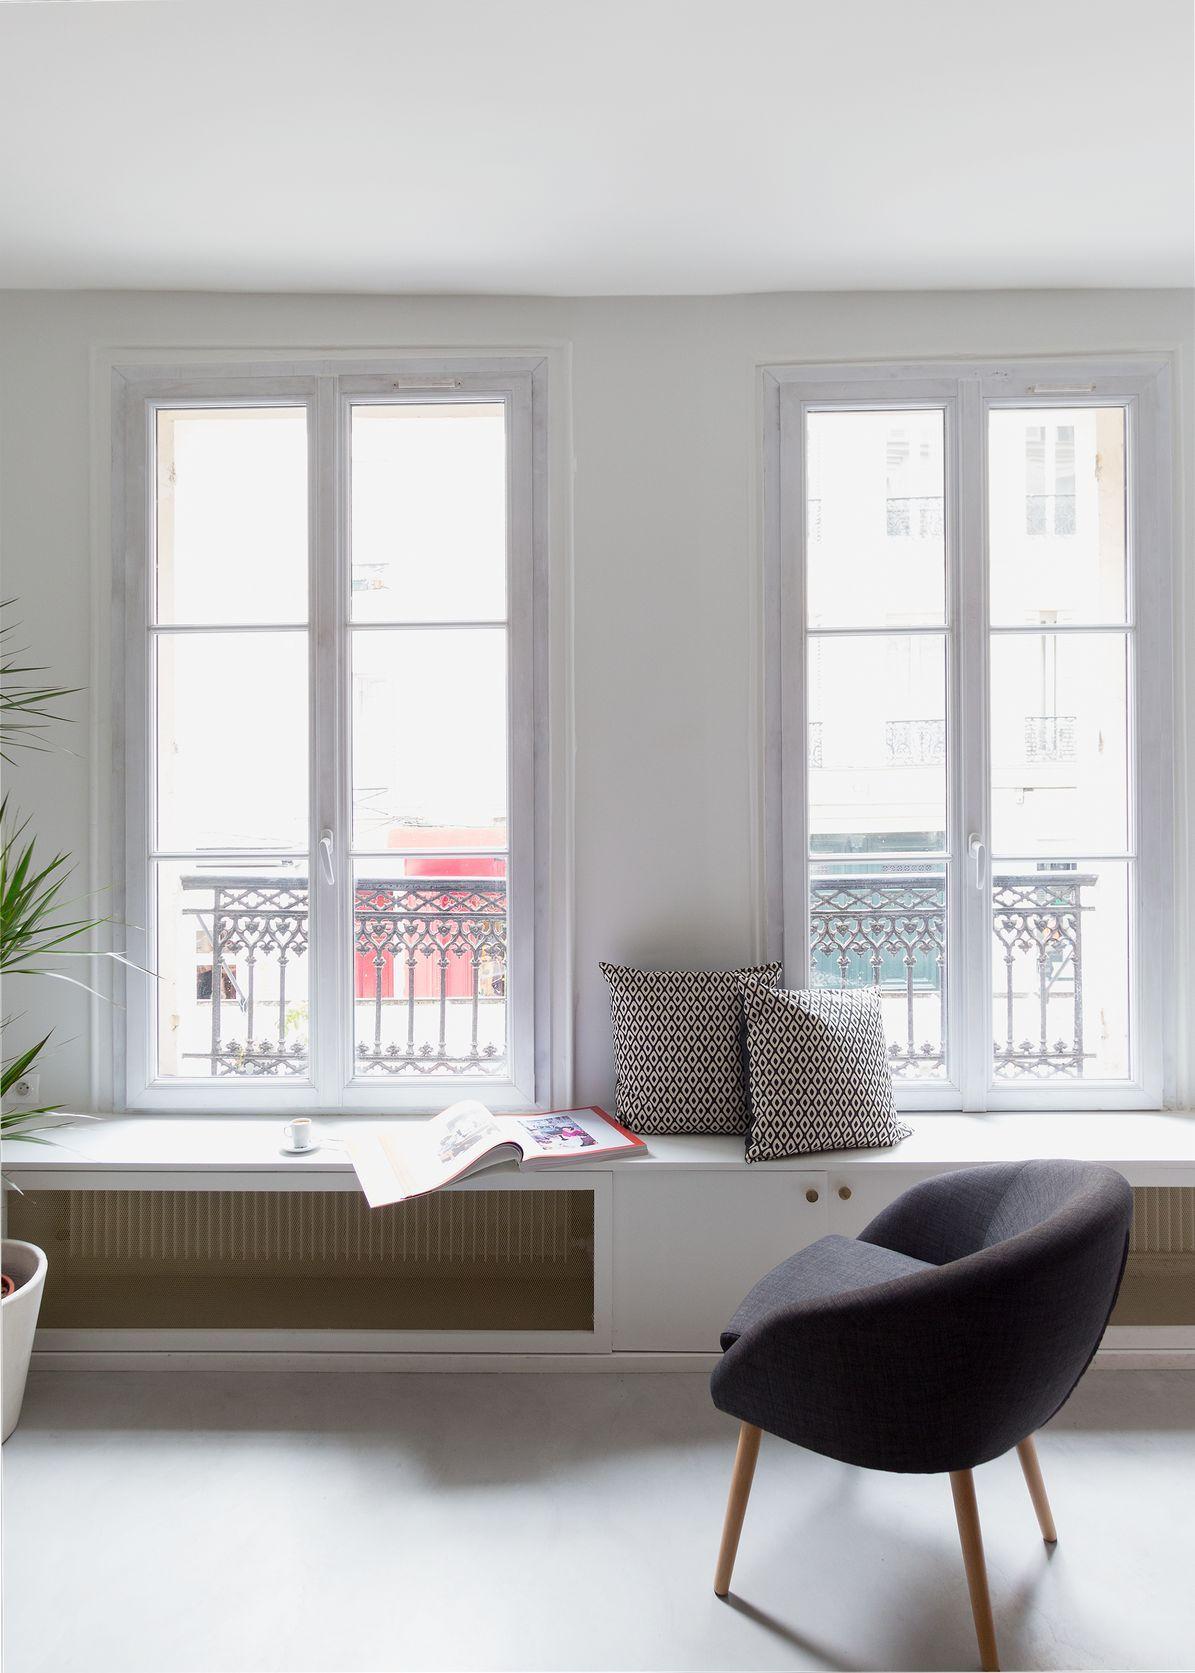 Saint Georges Salon Moderne Fenetre Interieure Chambre Design